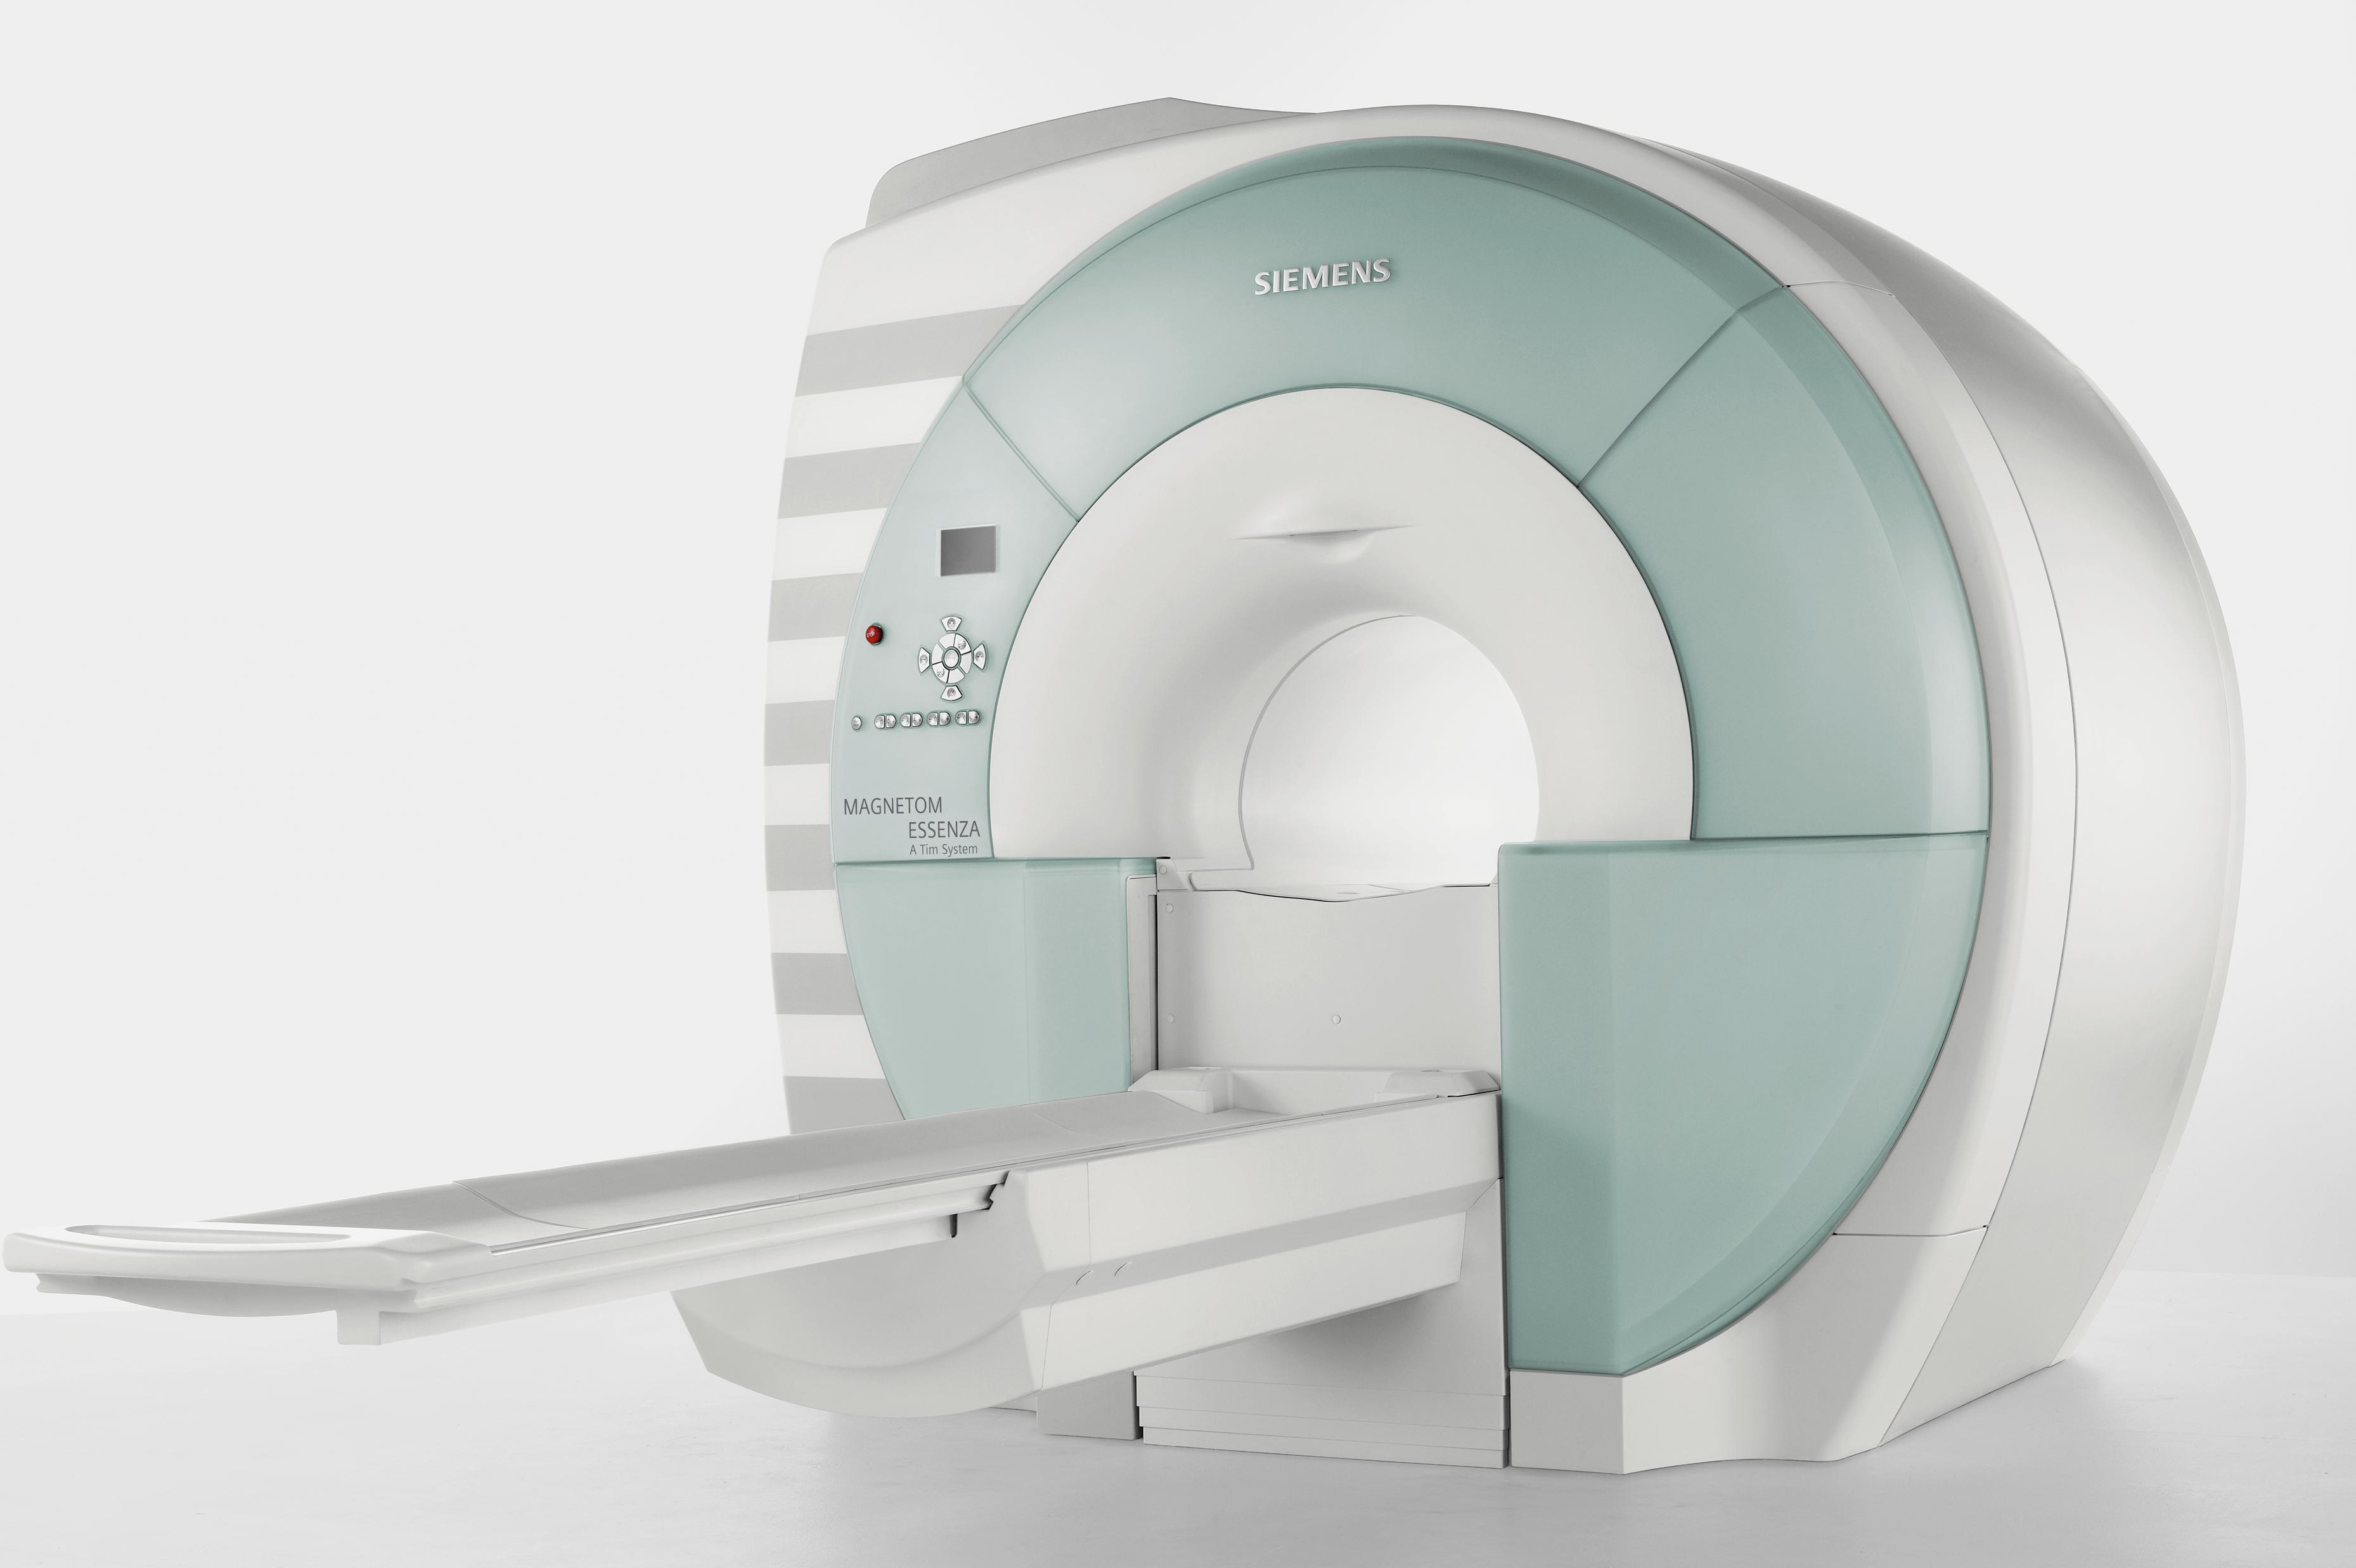 Aparat do rezonansu magnetycznego